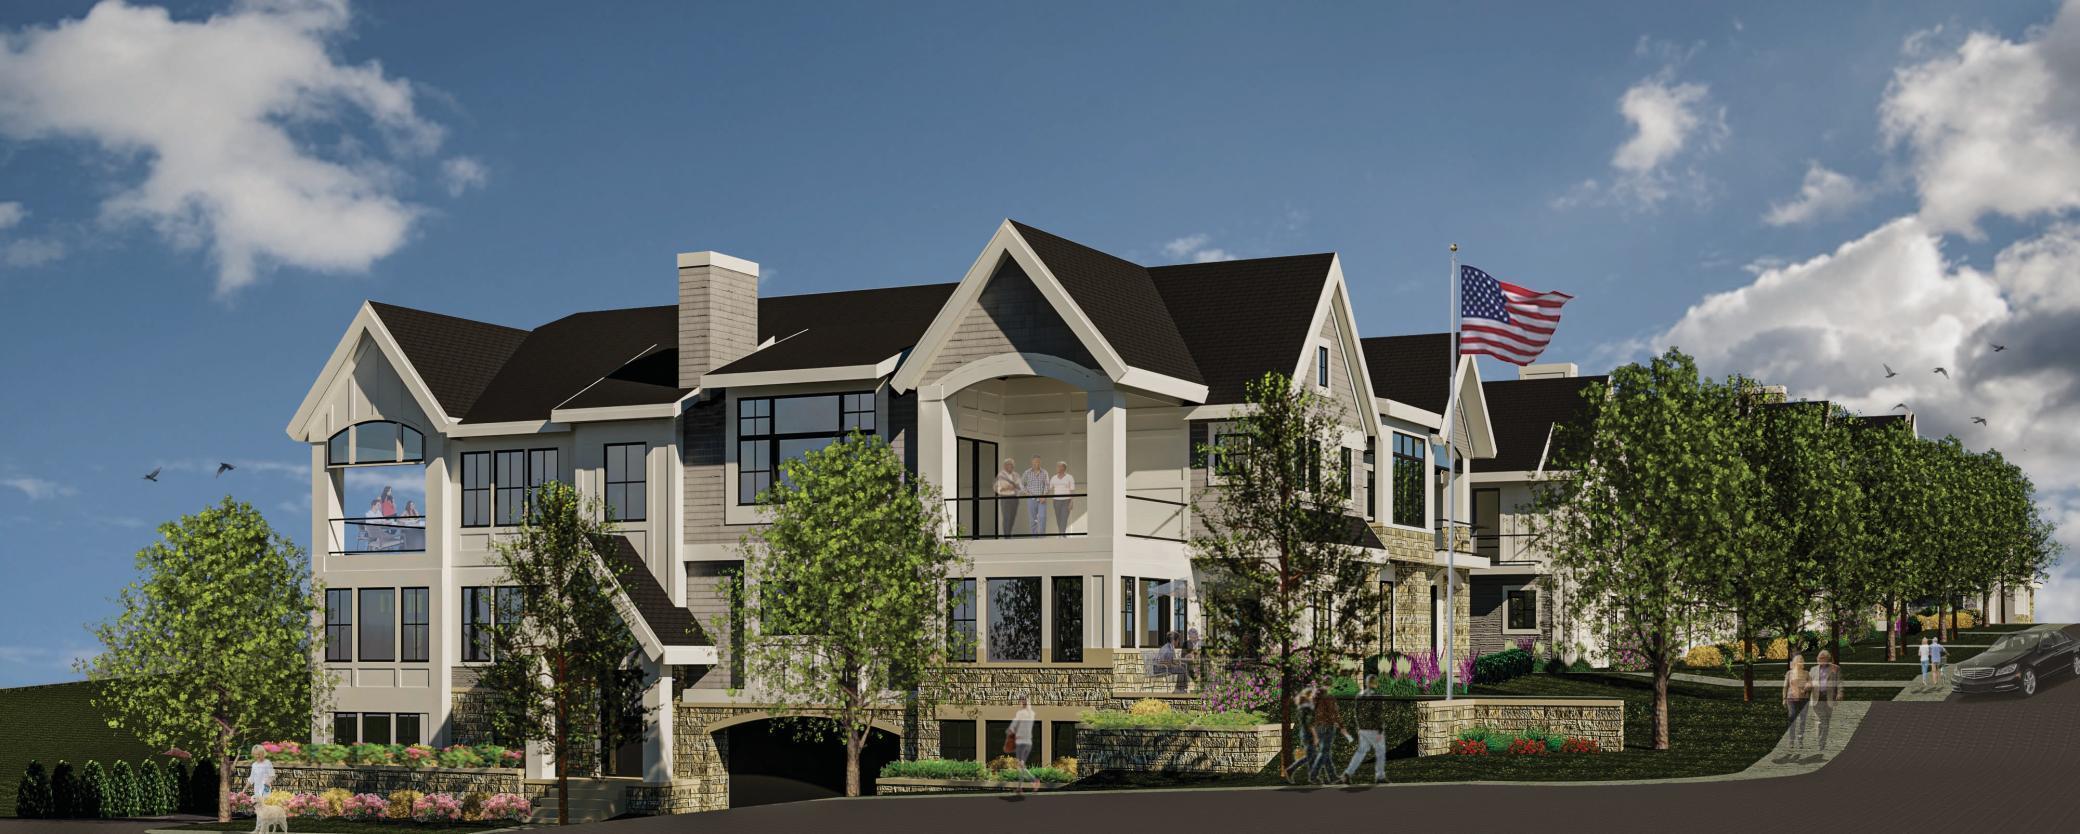 XXX Walker Avenue, Wayzata, Minnesota 55391, 3 Bedrooms Bedrooms, ,1 BathroomBathrooms,Residential,For Sale,Walker,NST5610044